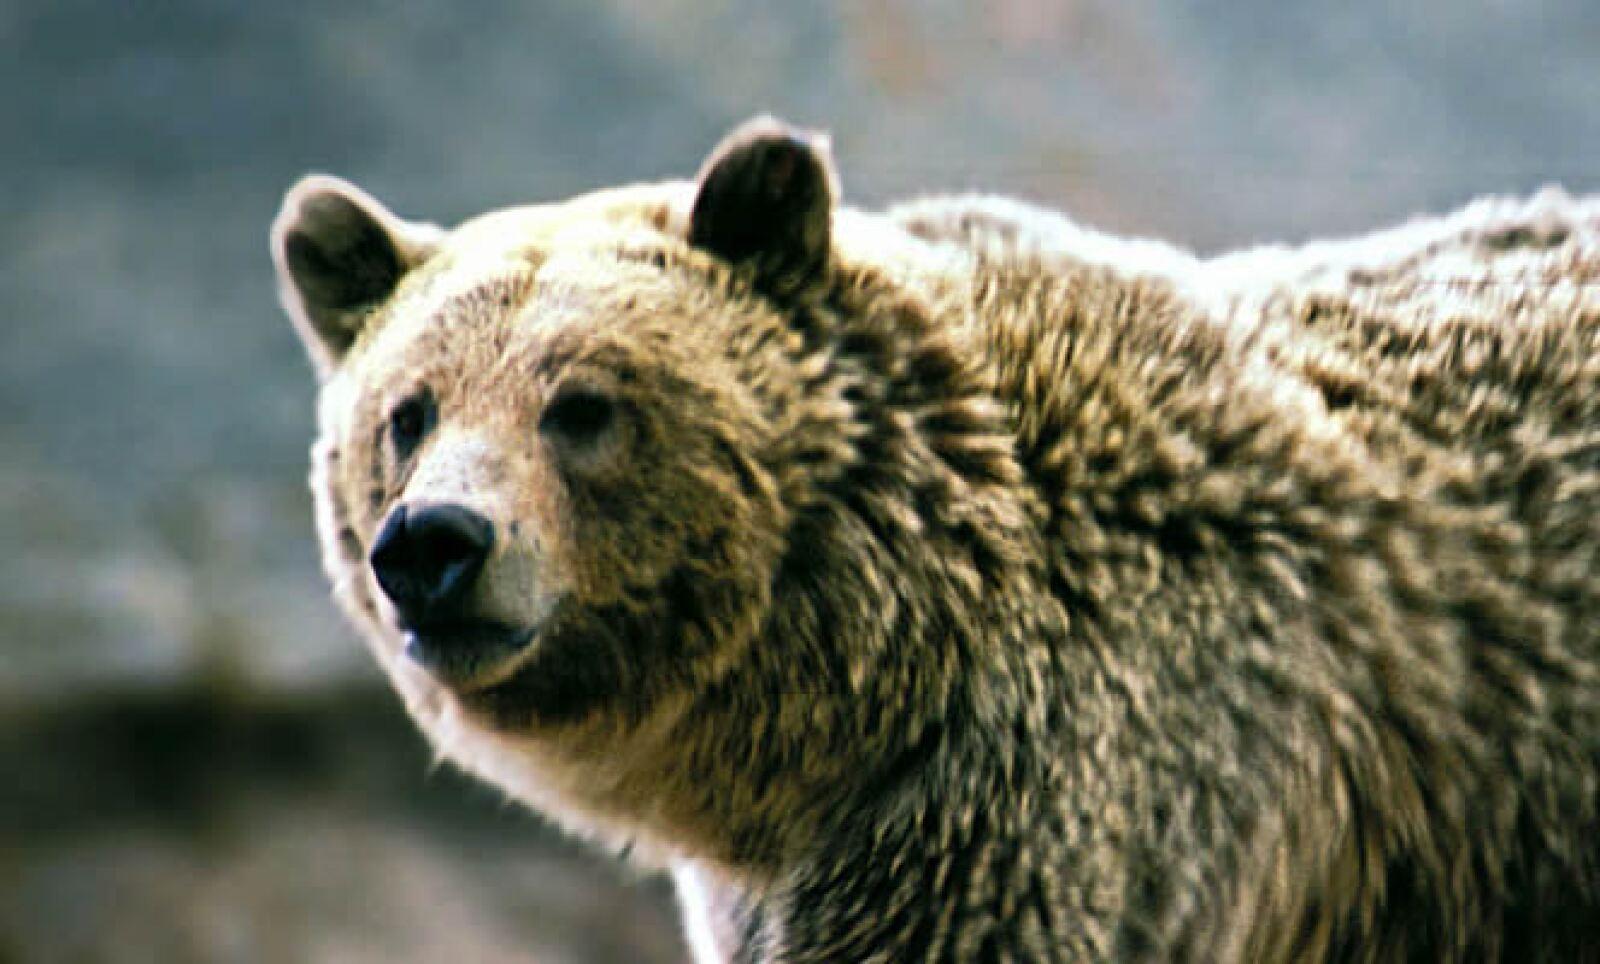 El grizzly es una subespecie del oso pardo. Habita en áreas de rescate, en Wyoming, Idaho y Montana (EU). En los últimos 40 años ha entrado y salido de la lista de especies en peligro de EU.